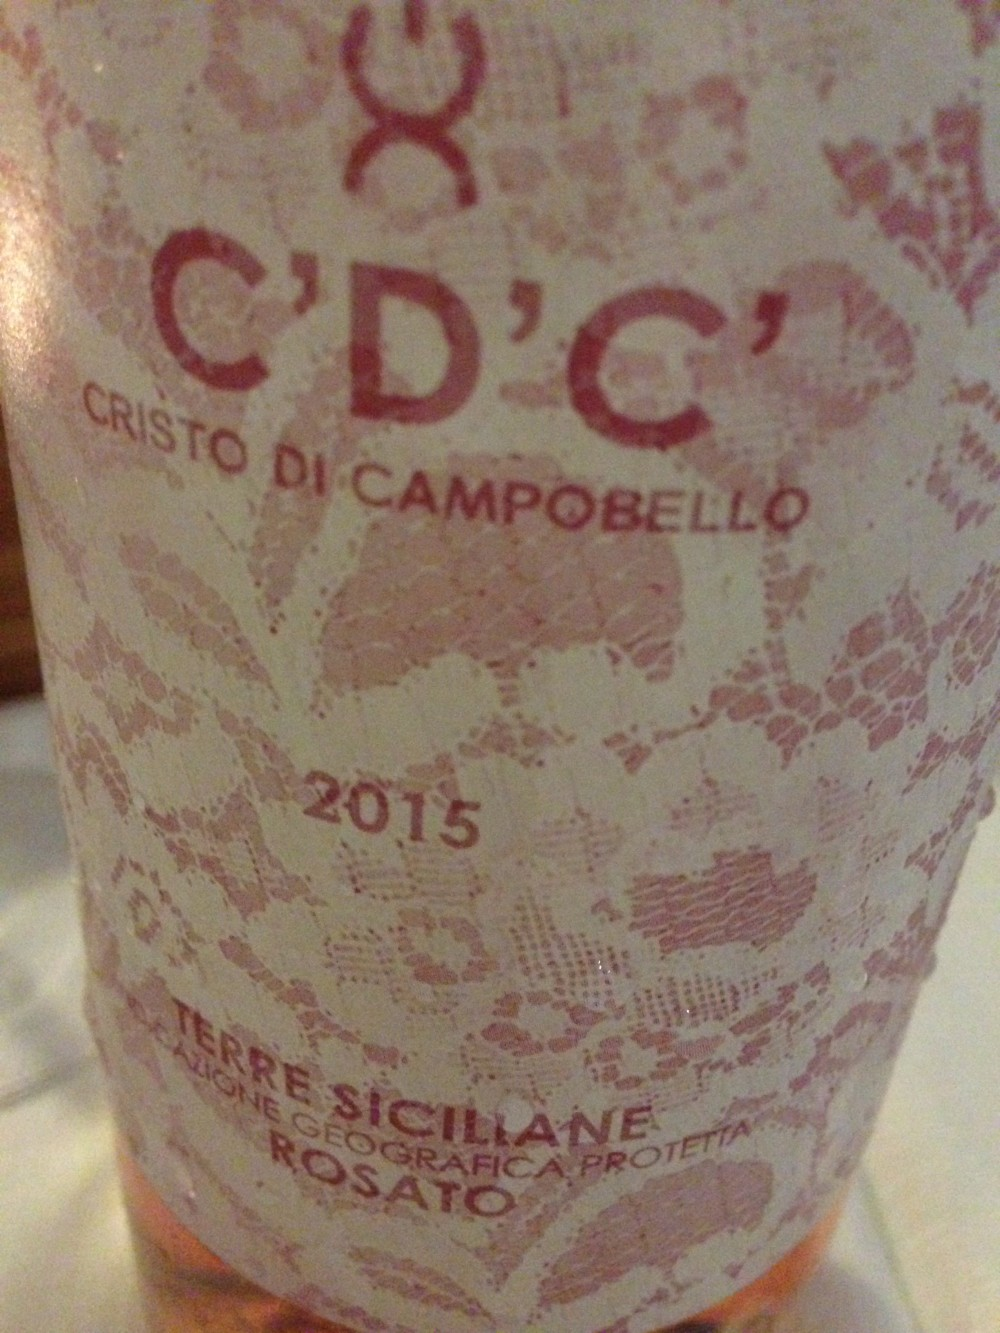 CDC Rosato 2015 Baglio Del Cristo di Campobello di Licata